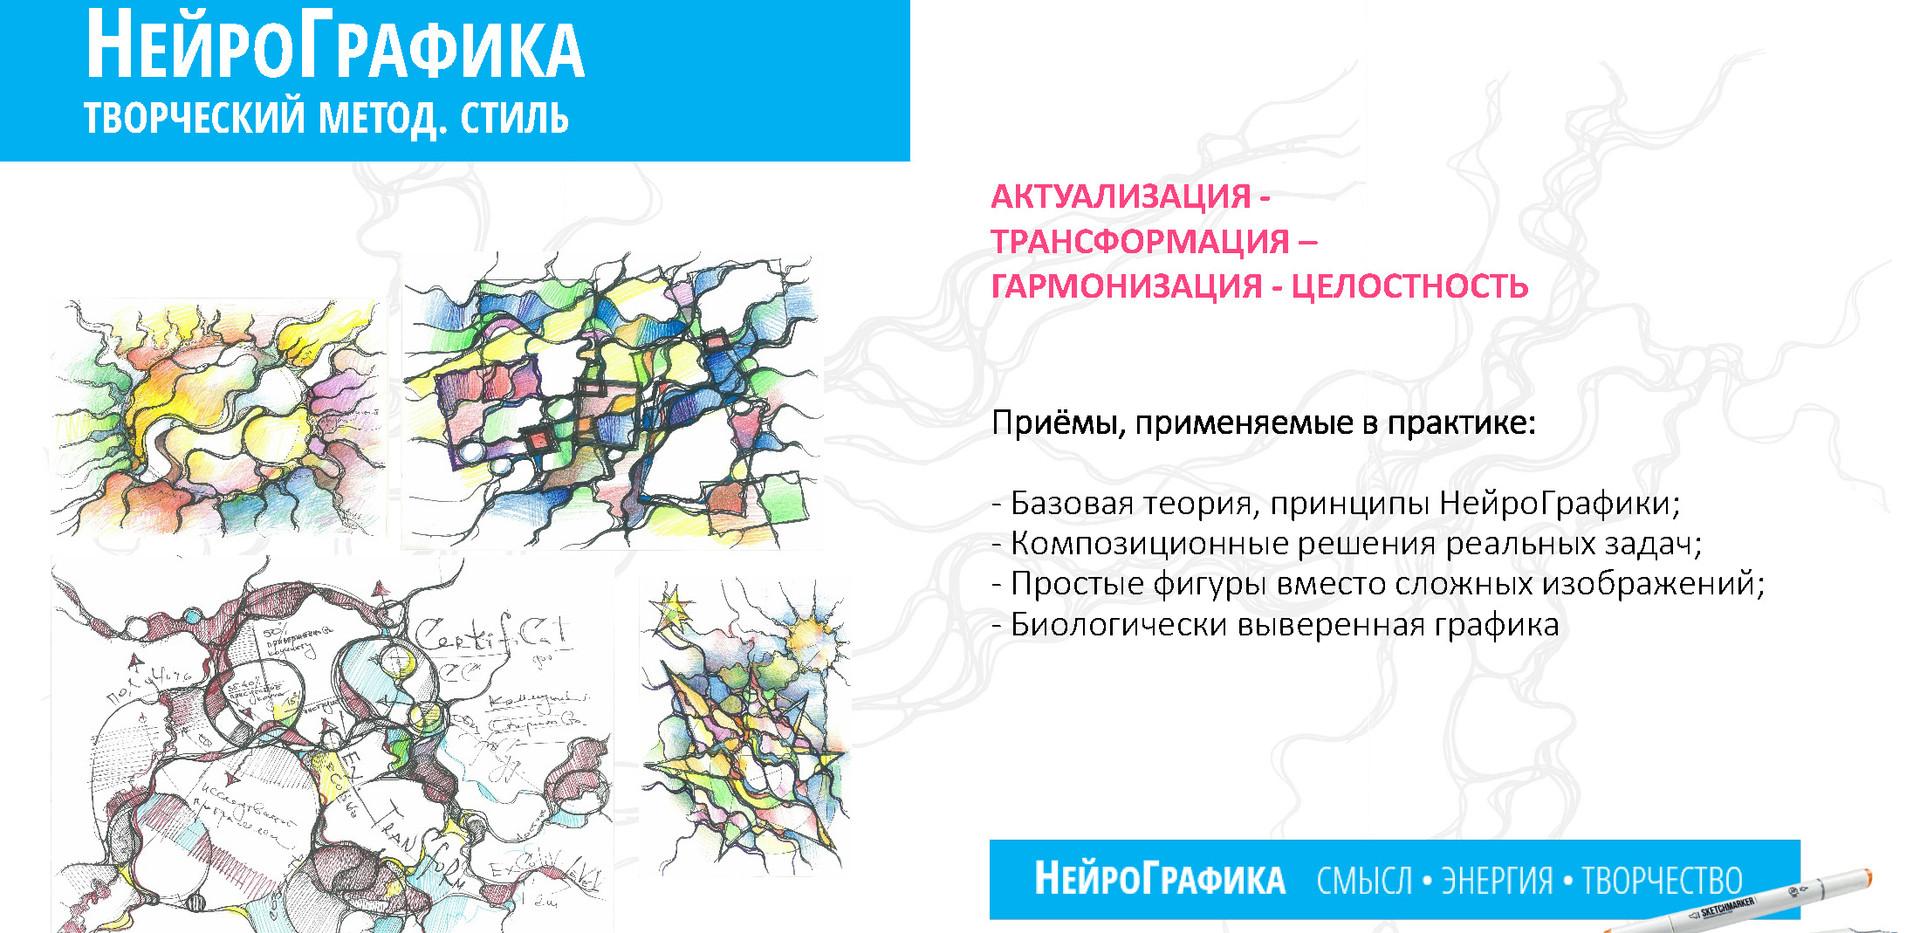 НейроГафикаBIG (1)_Страница_25.jpg